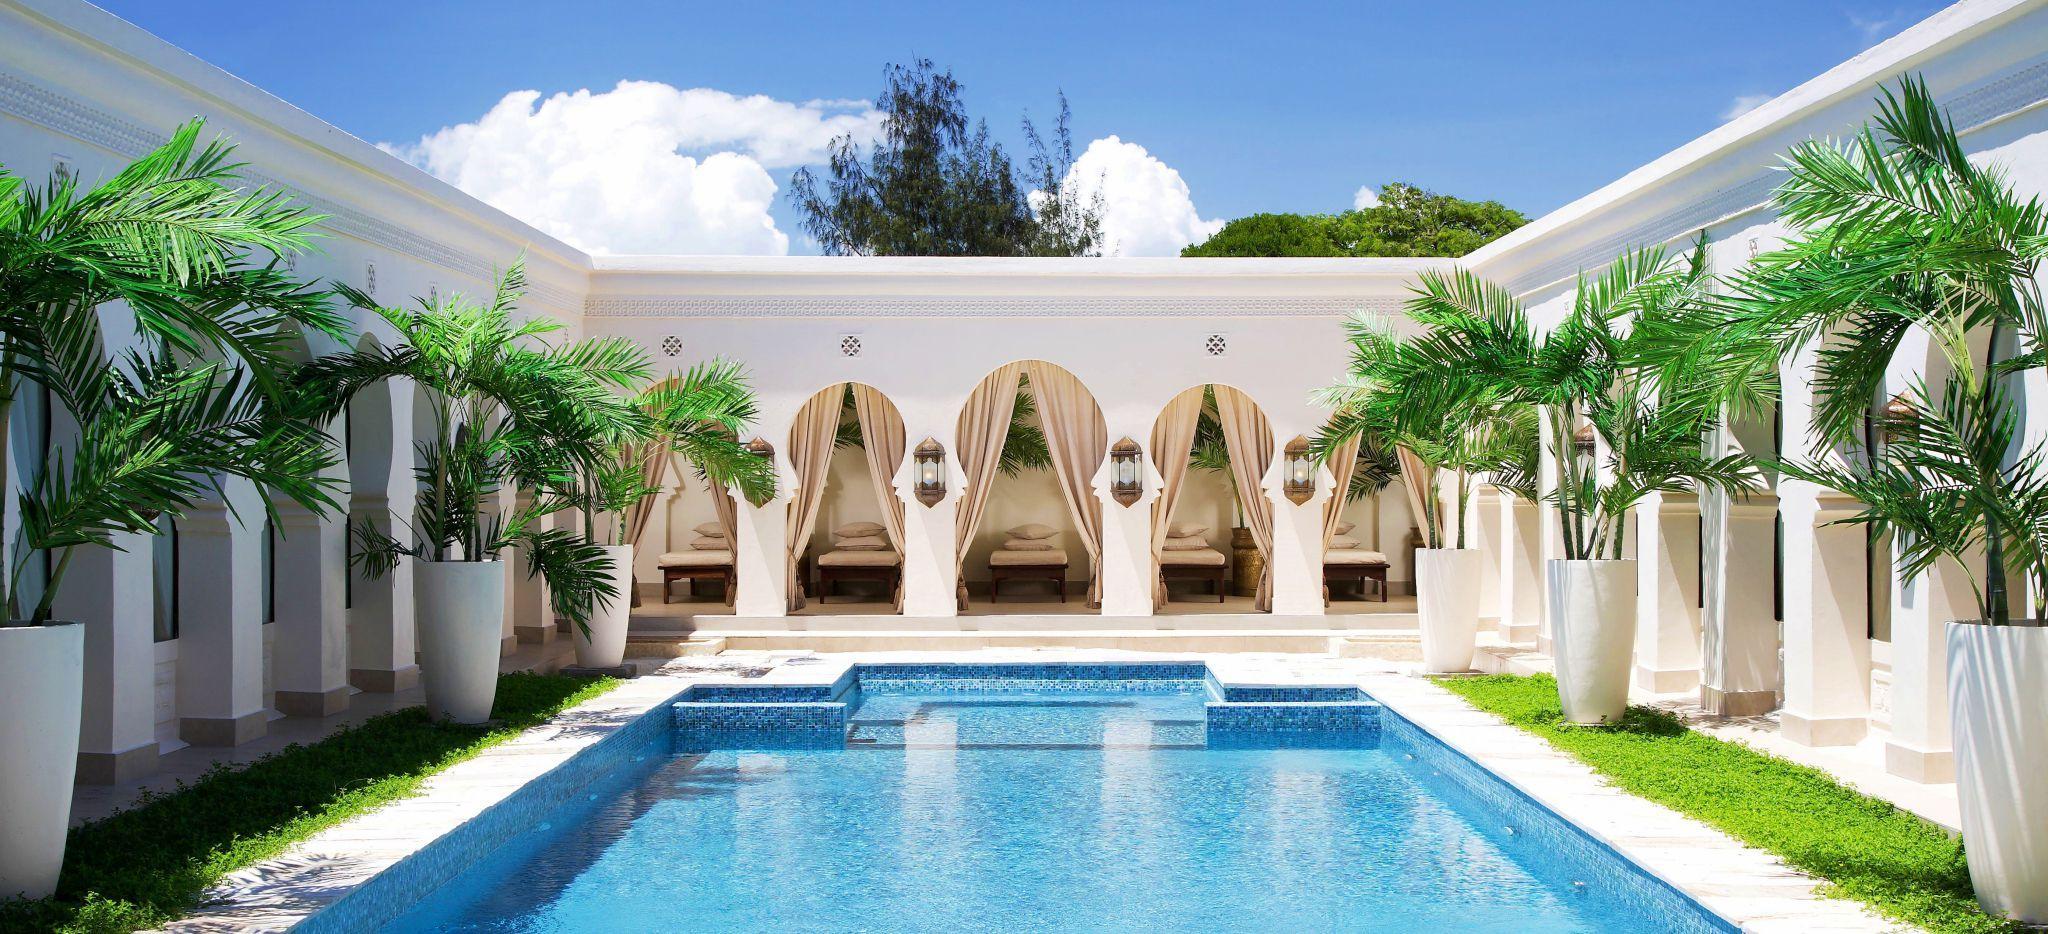 Ein Pool inmitten eines Marmor-Palastes im arabischen Stil